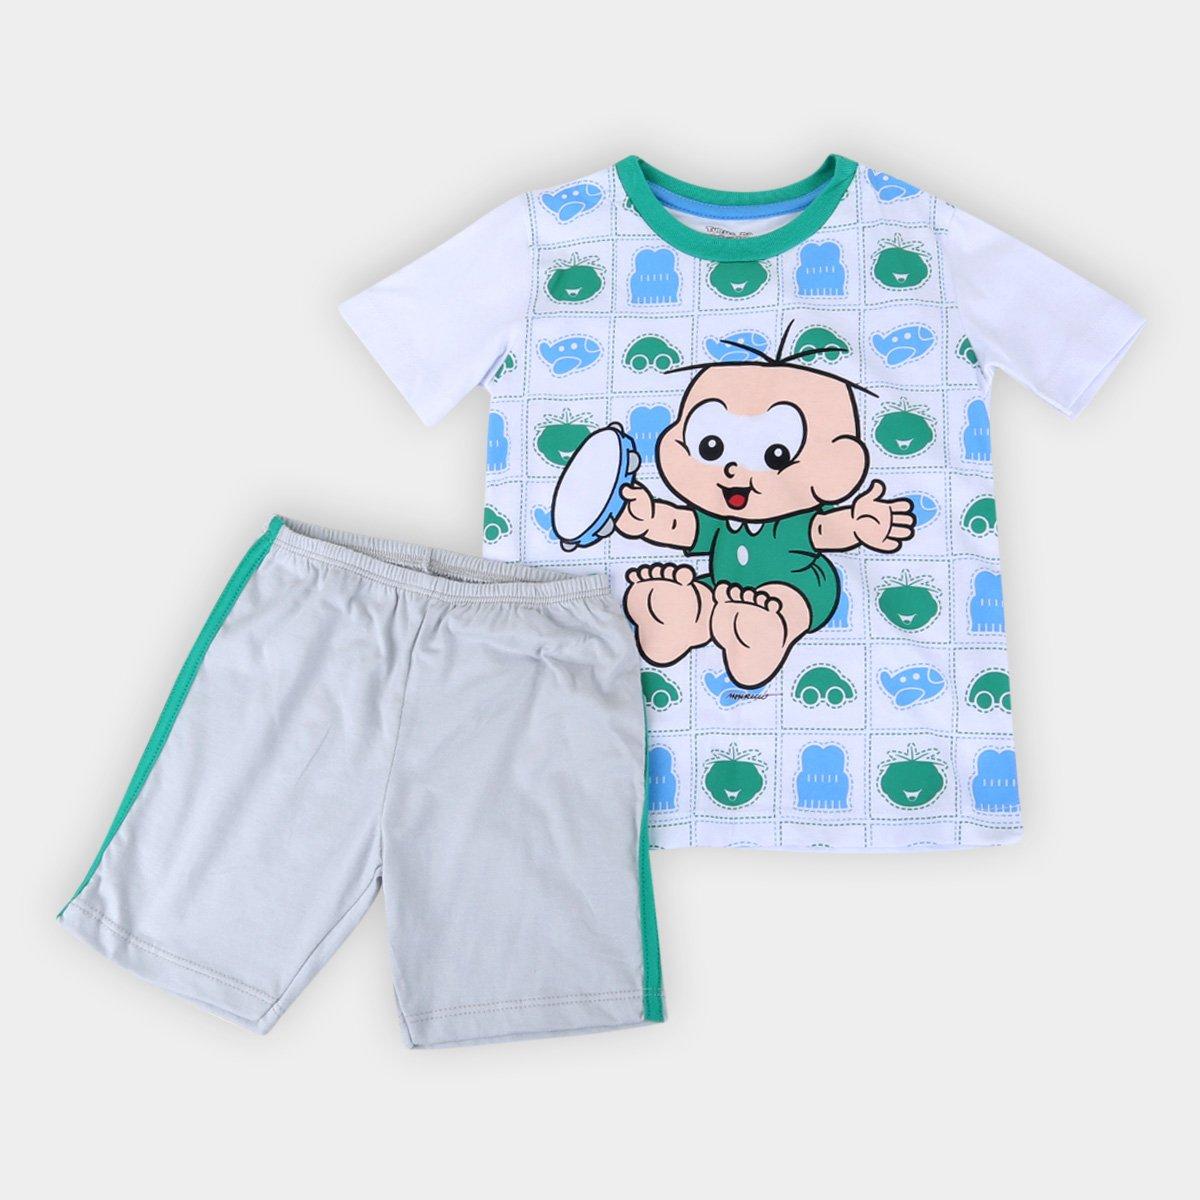 Pijama Infantil Evanilda Turma da Mônica Primeiros Passos Masculino